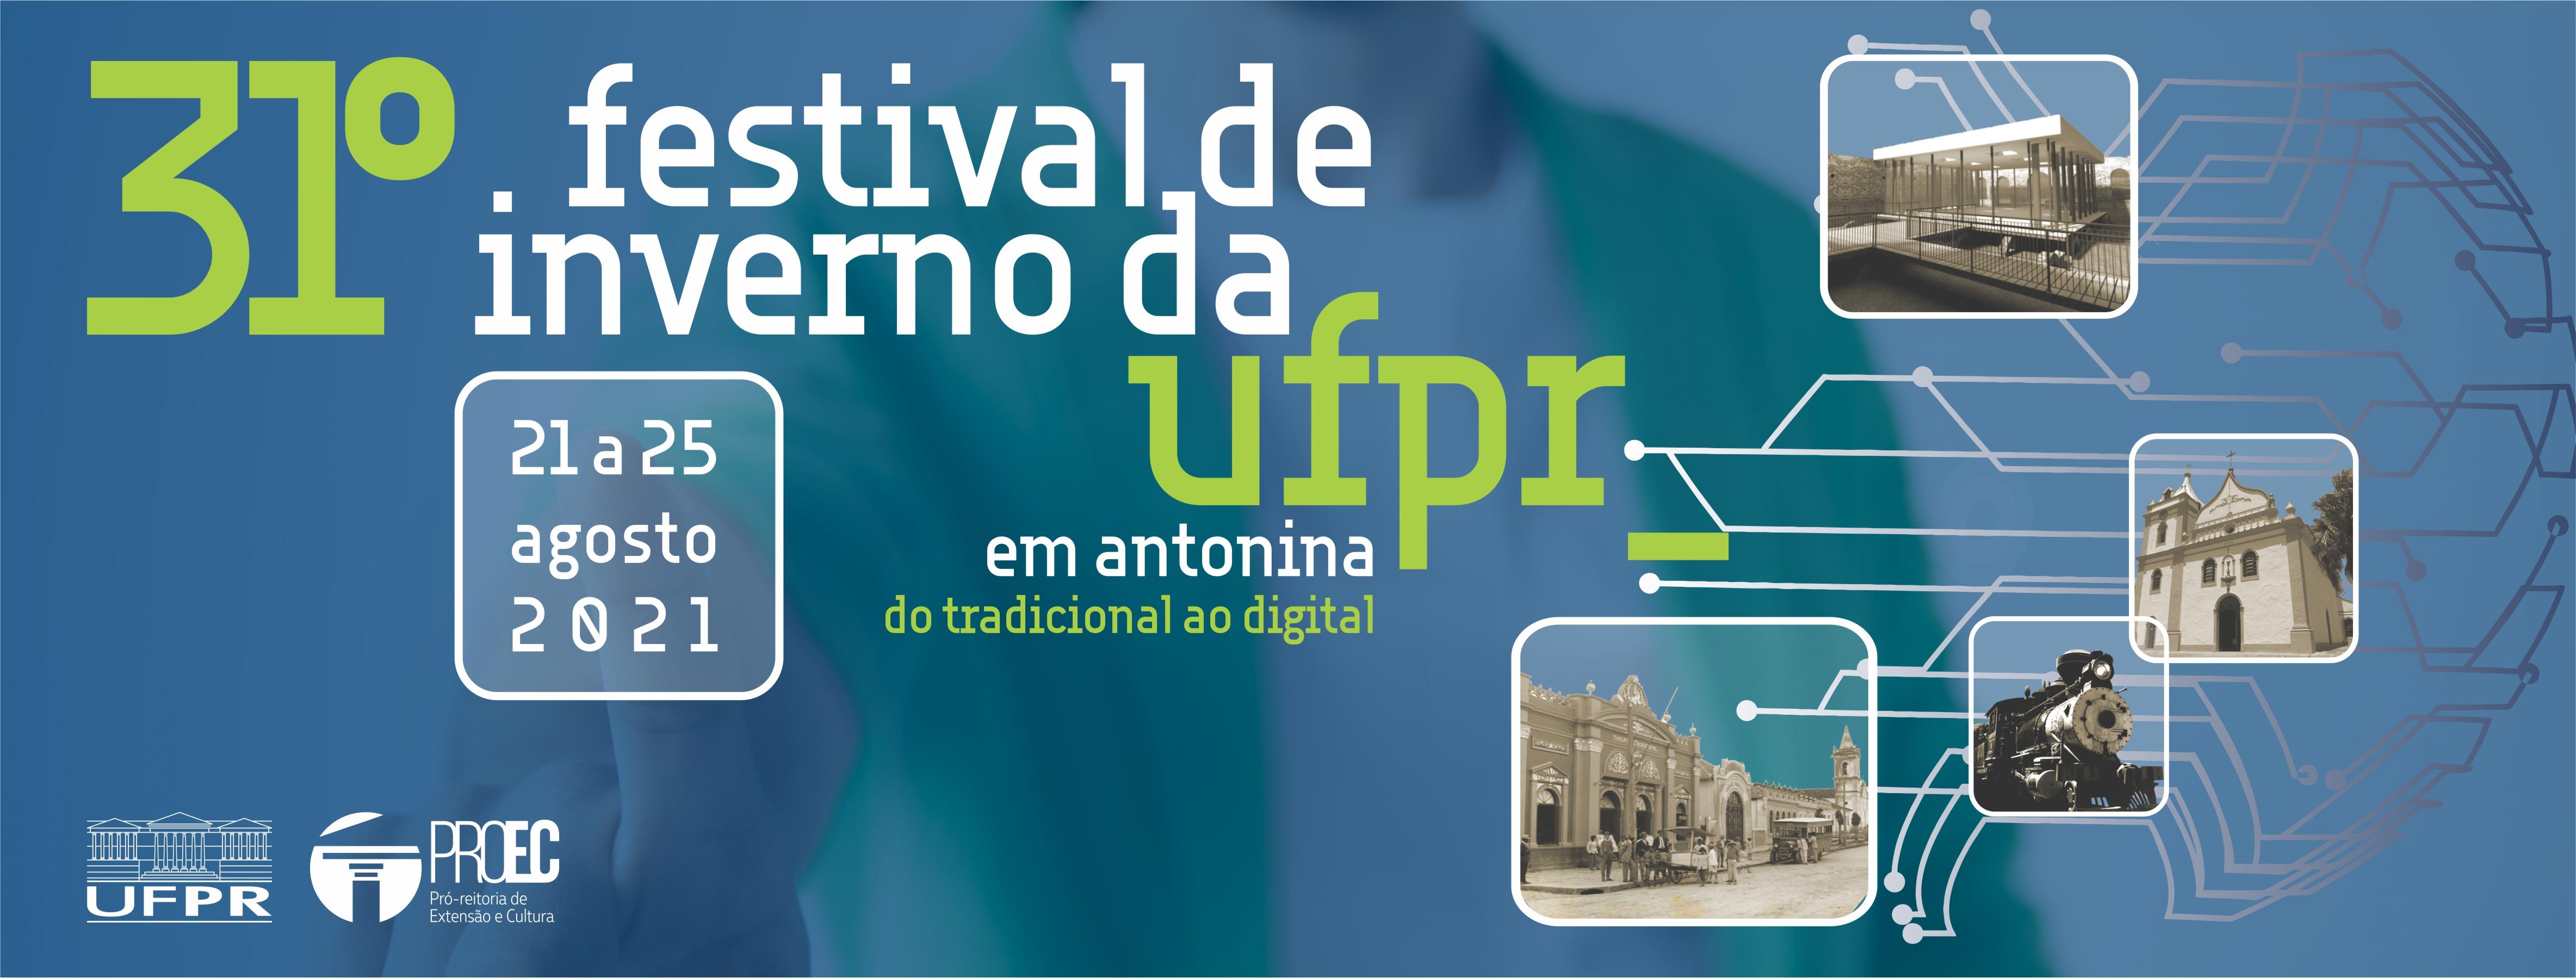 31º Festival de Inverno da Universidade Federal do Paraná acontecerá entre 21 e 25 de agosto, em formato virtual